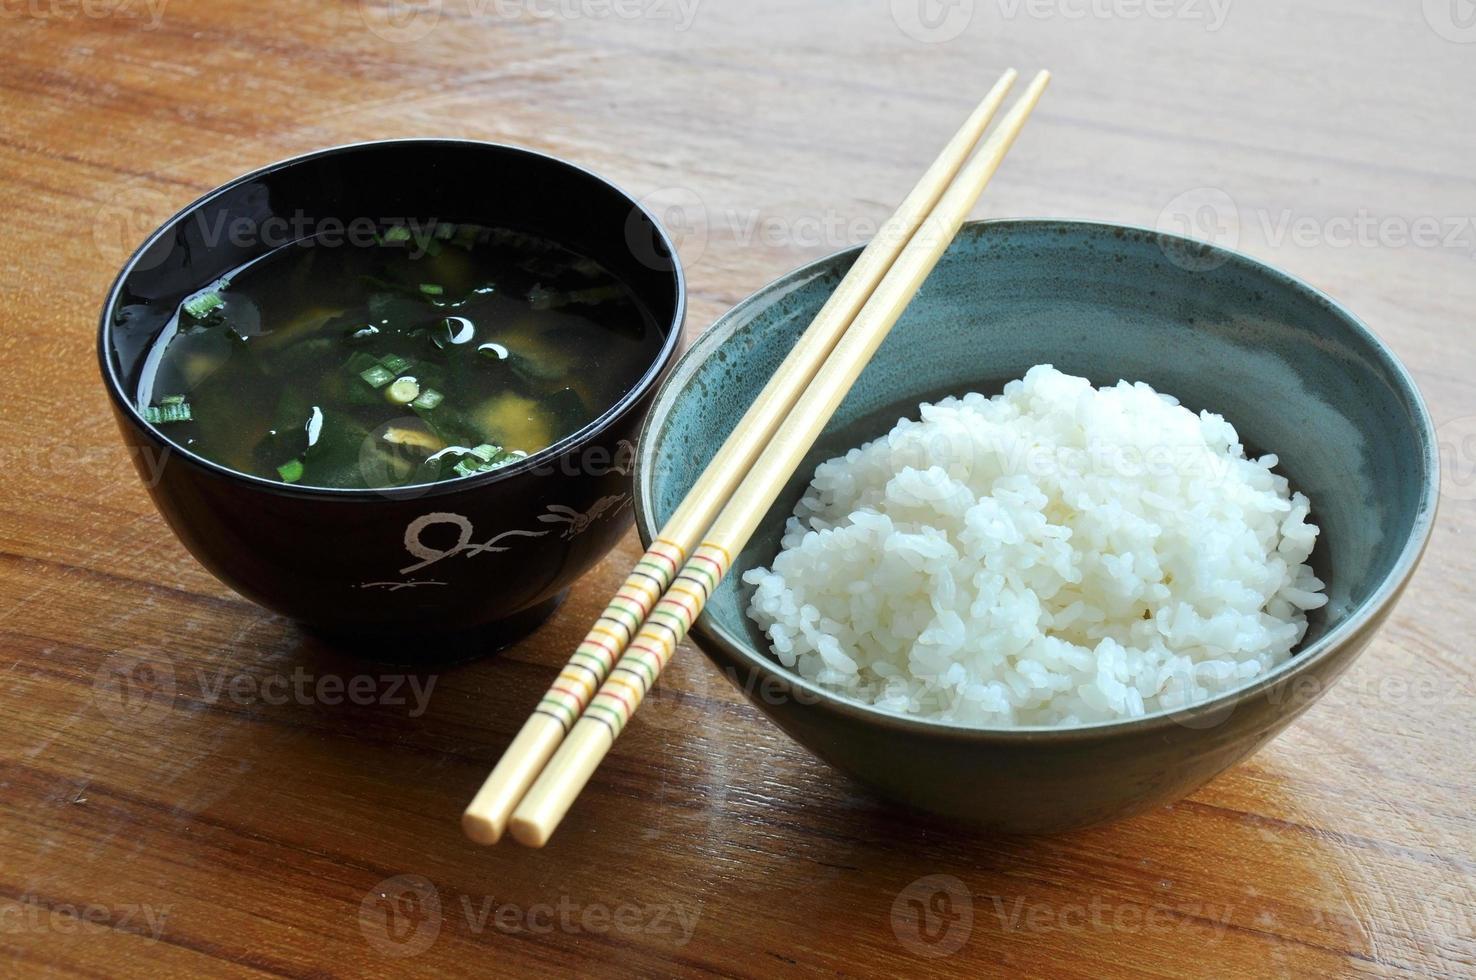 rijst en miso soep in zwarte kom, originele Japanse stijl foto